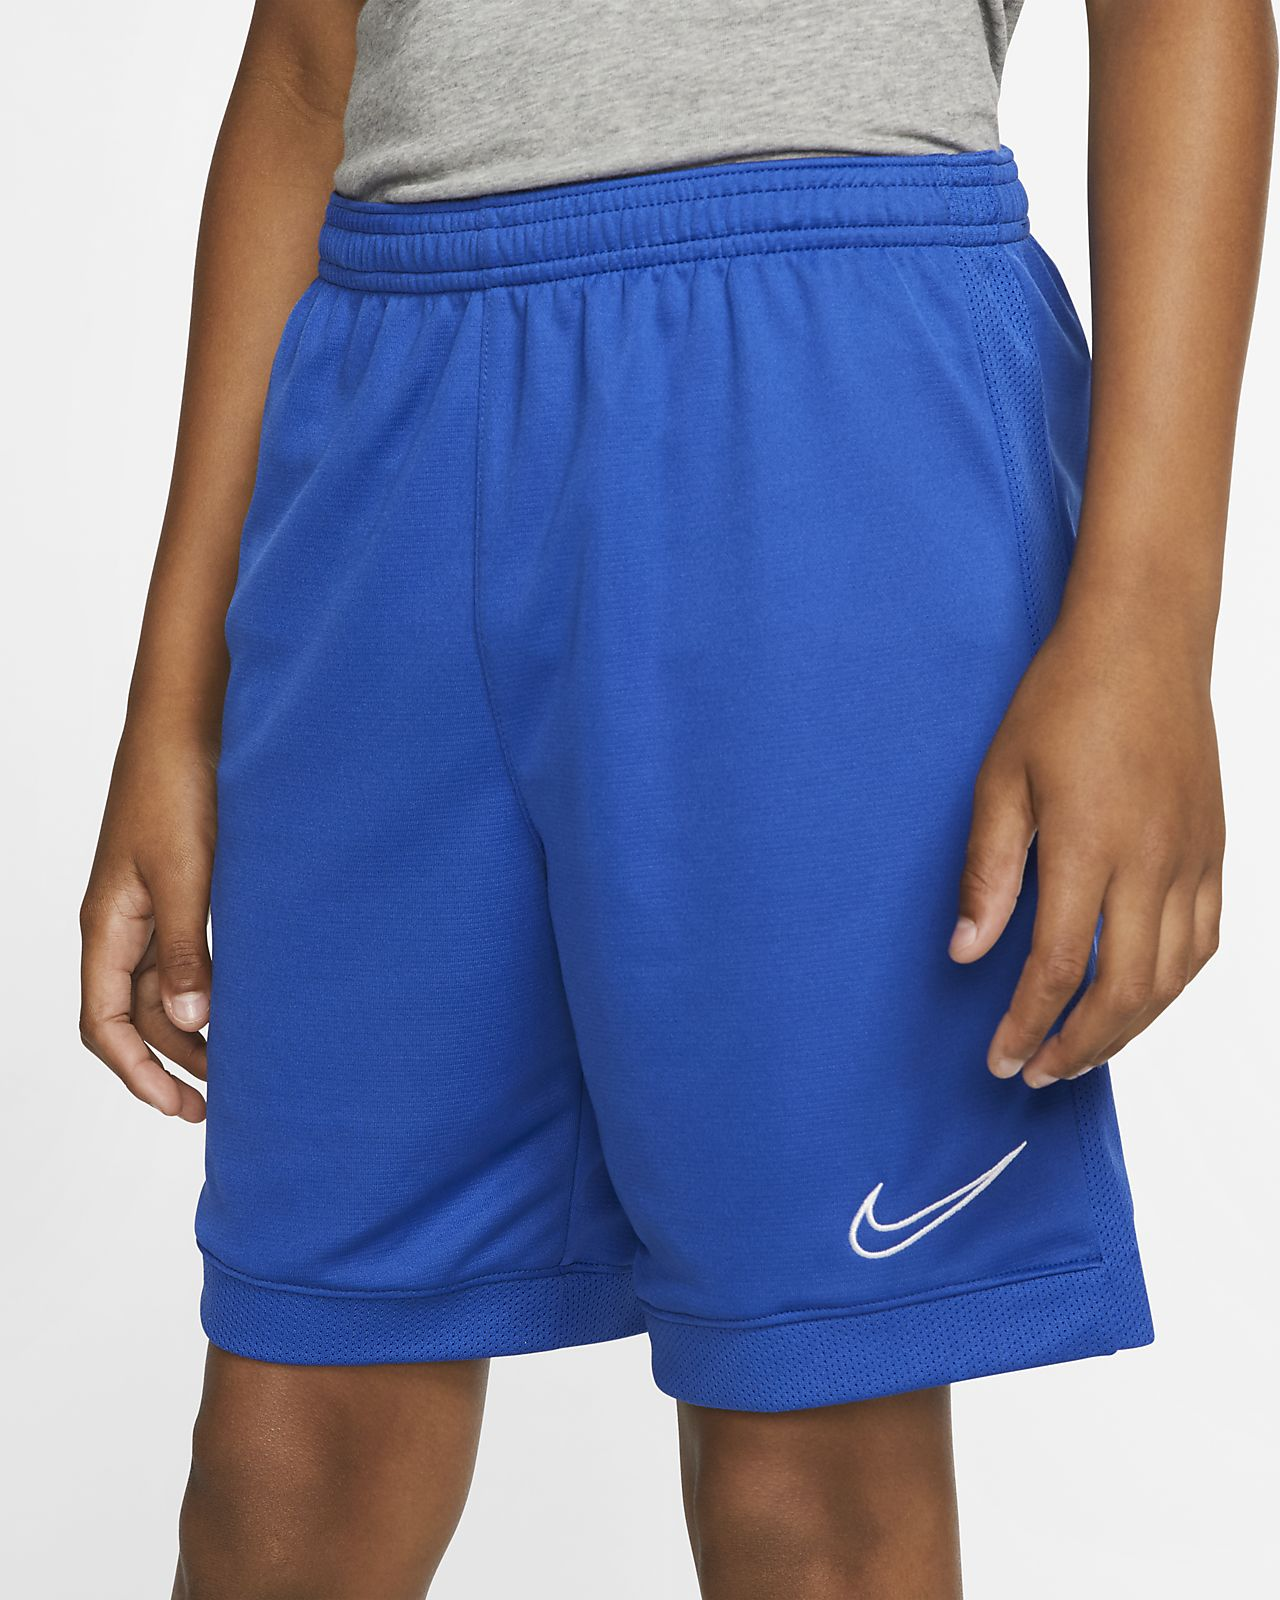 Nike Dri-FIT Academy fotballshorts til store barn